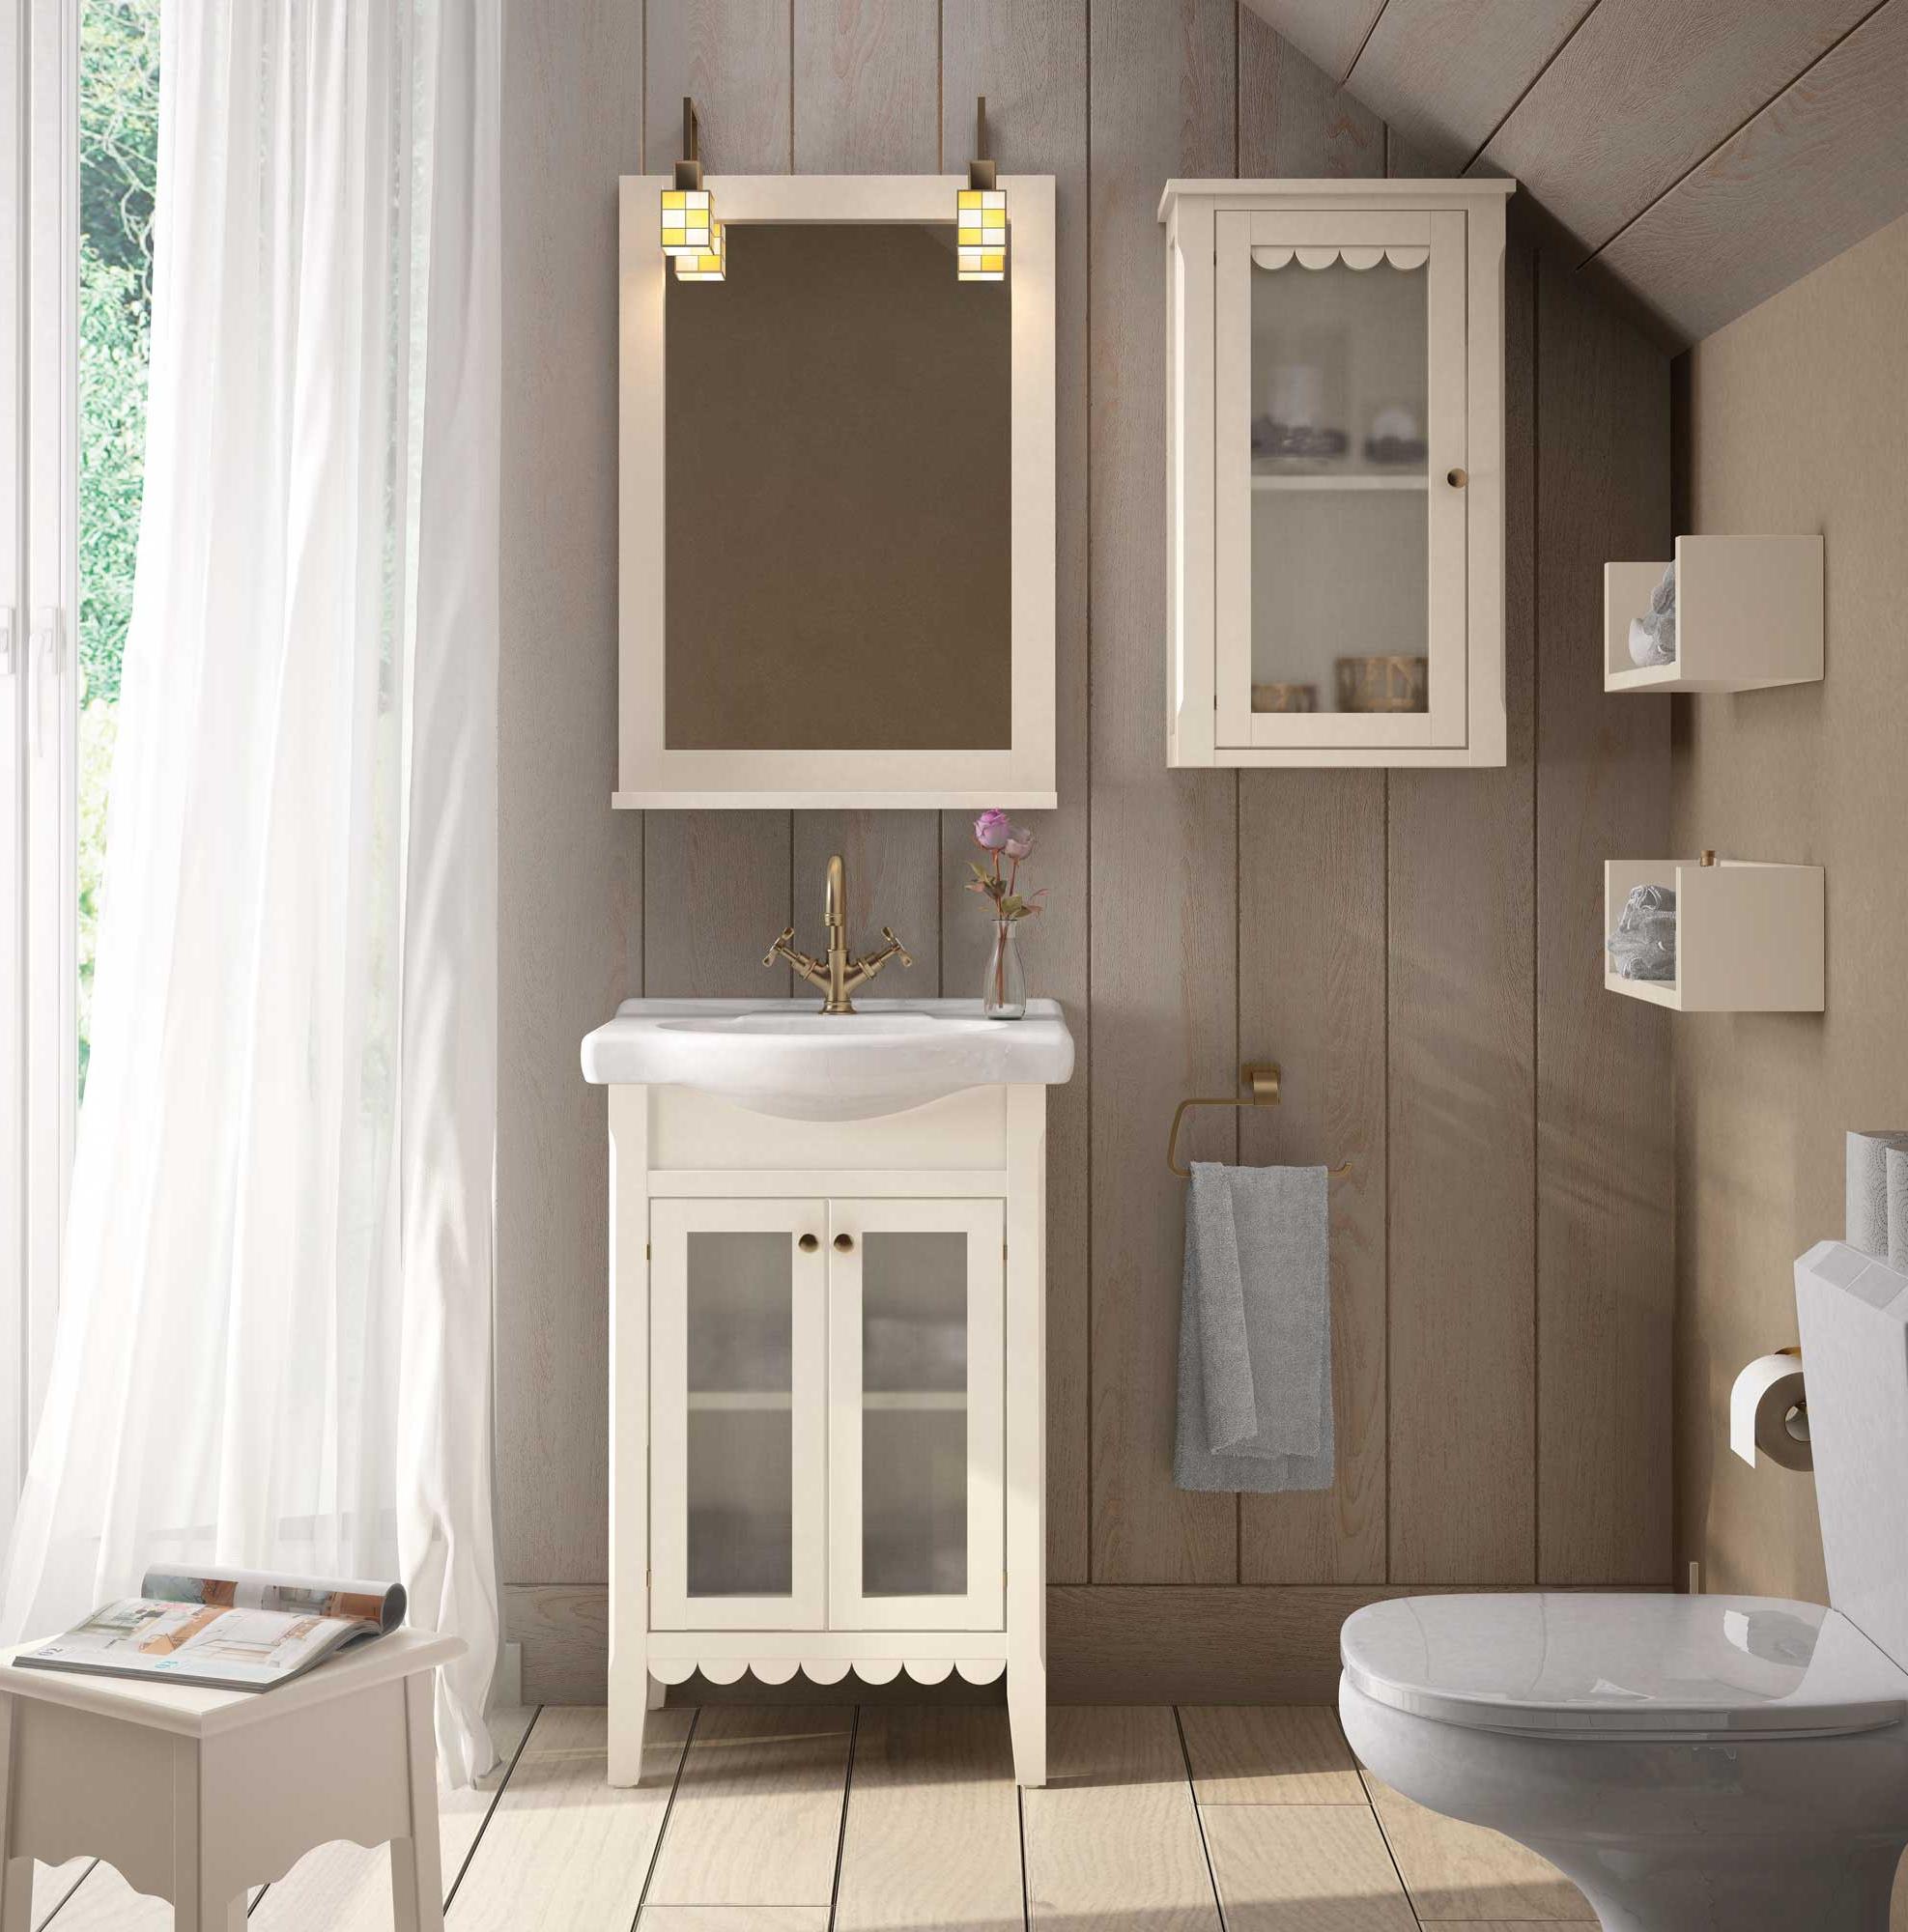 Muebles De Baño Blancos S1du Bueno Banoss El Mueble Ba C3 B1o Provenzal Etna Color 83